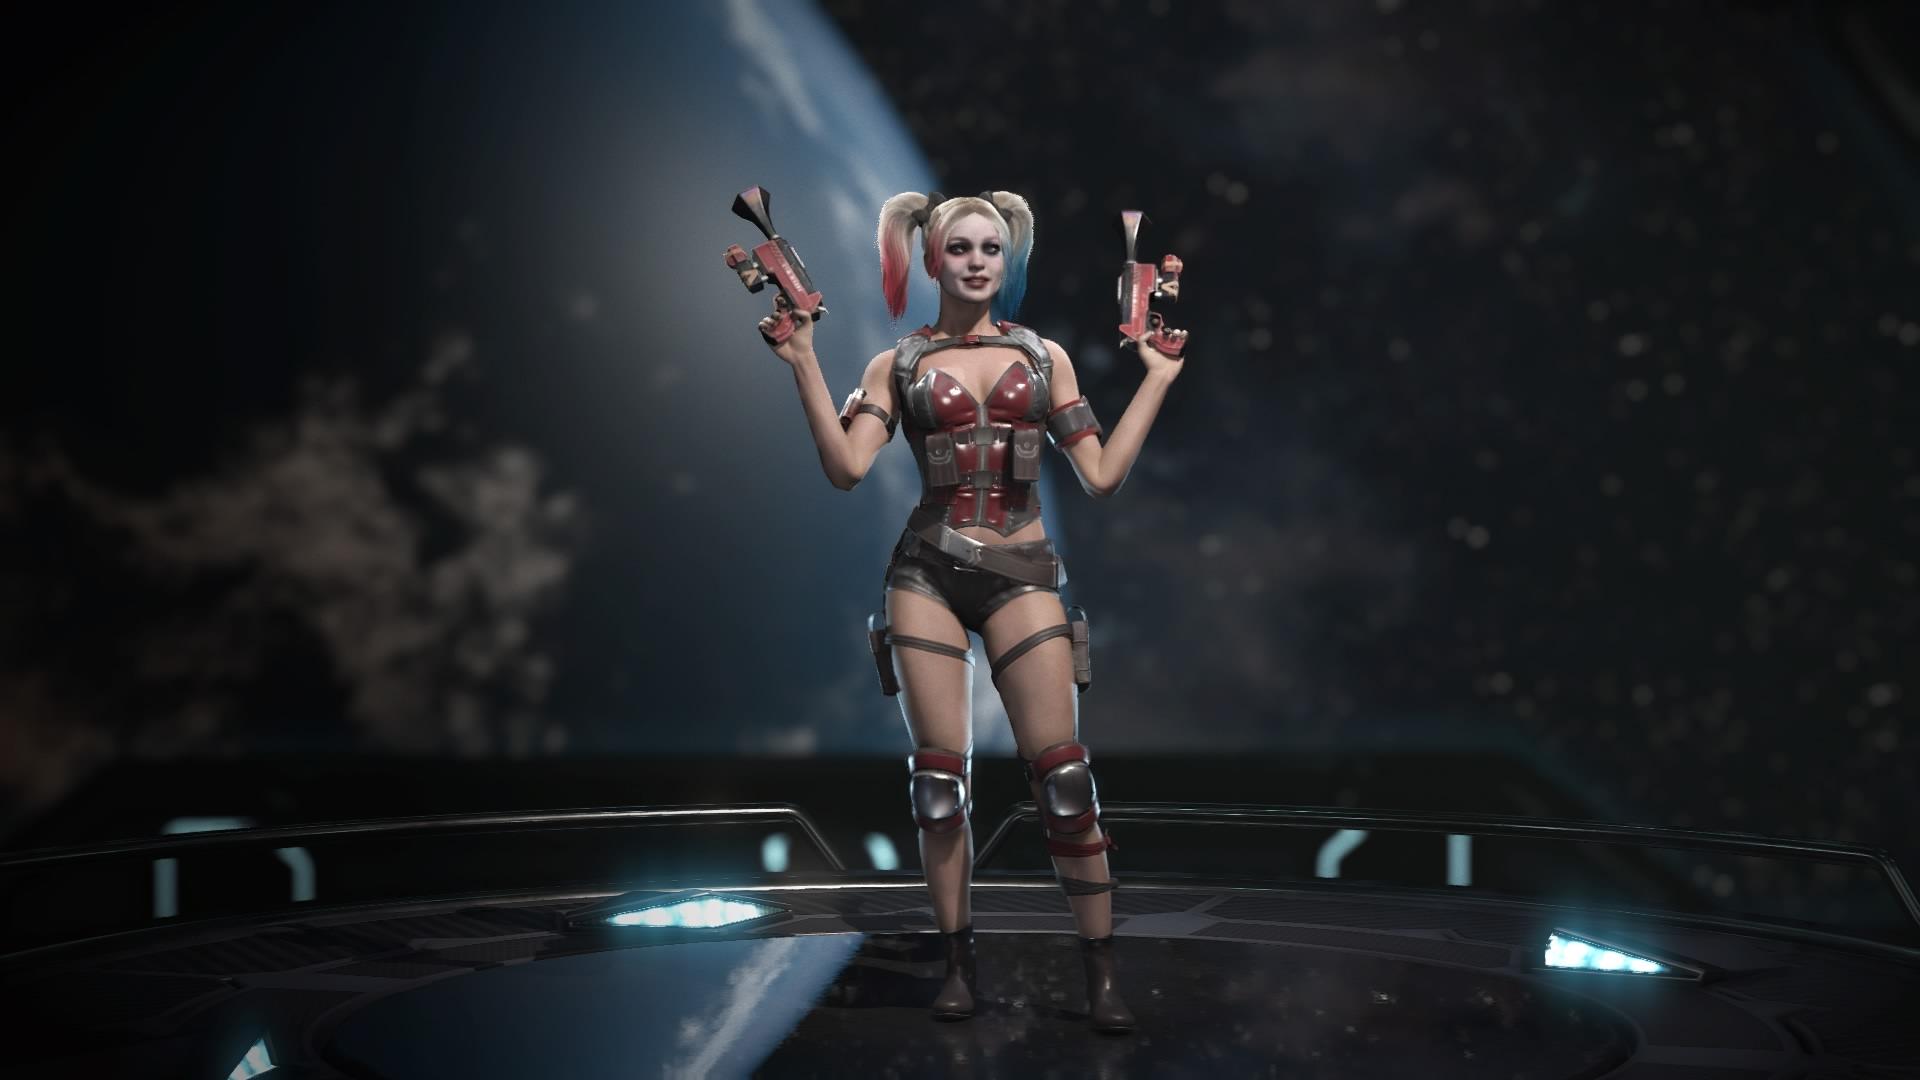 Harley Quinn (Knight of Justice)